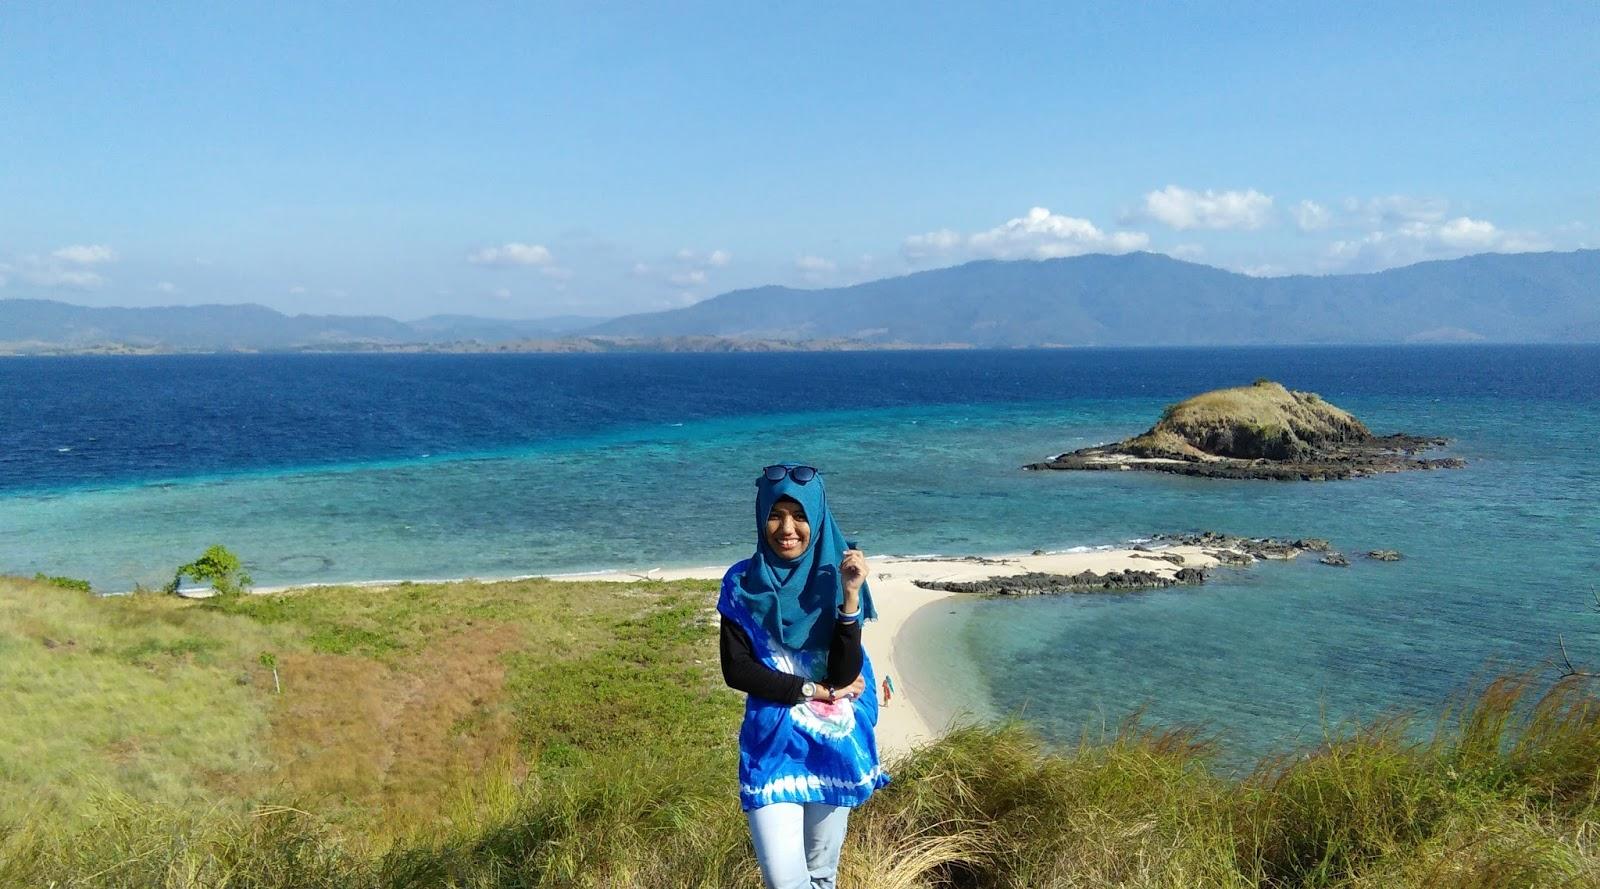 cewek cantik hijab manis di Pulau Nisa Pudu